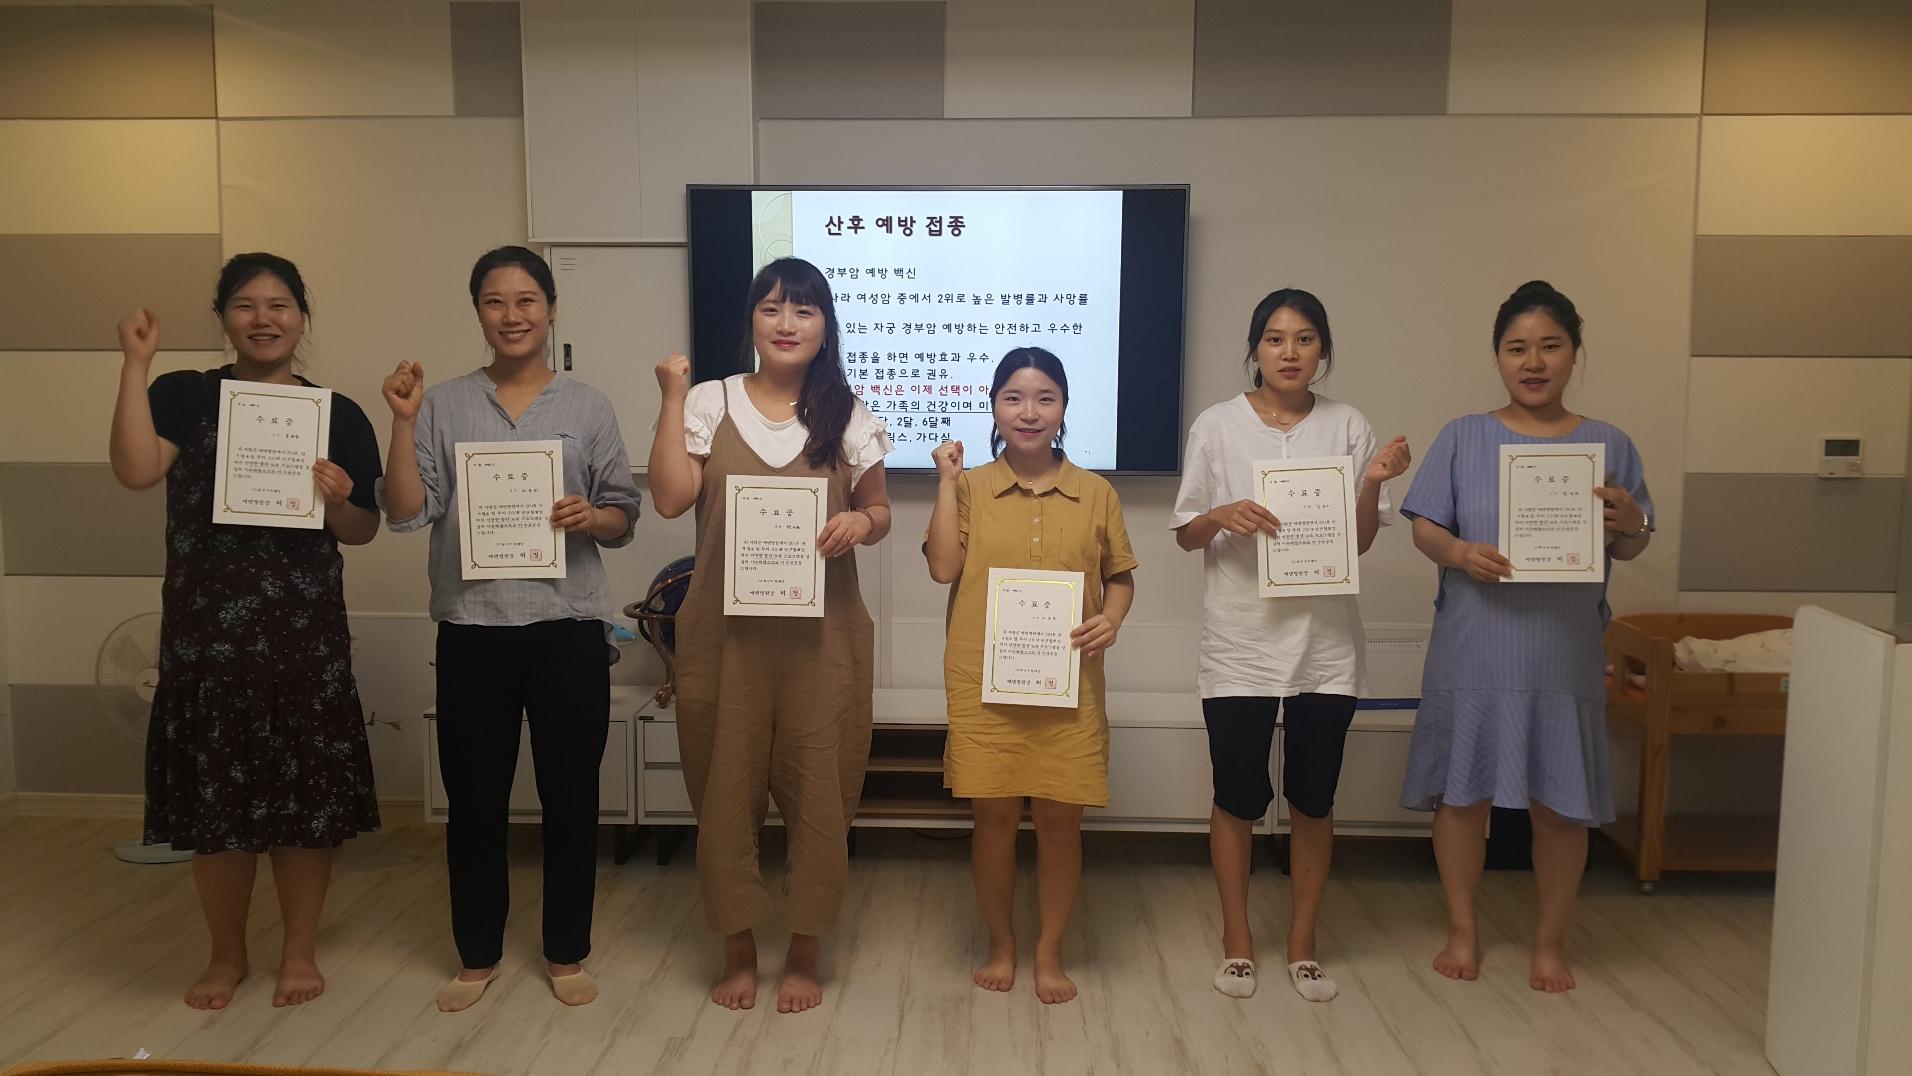 [2018-7-18 출산준비교육]